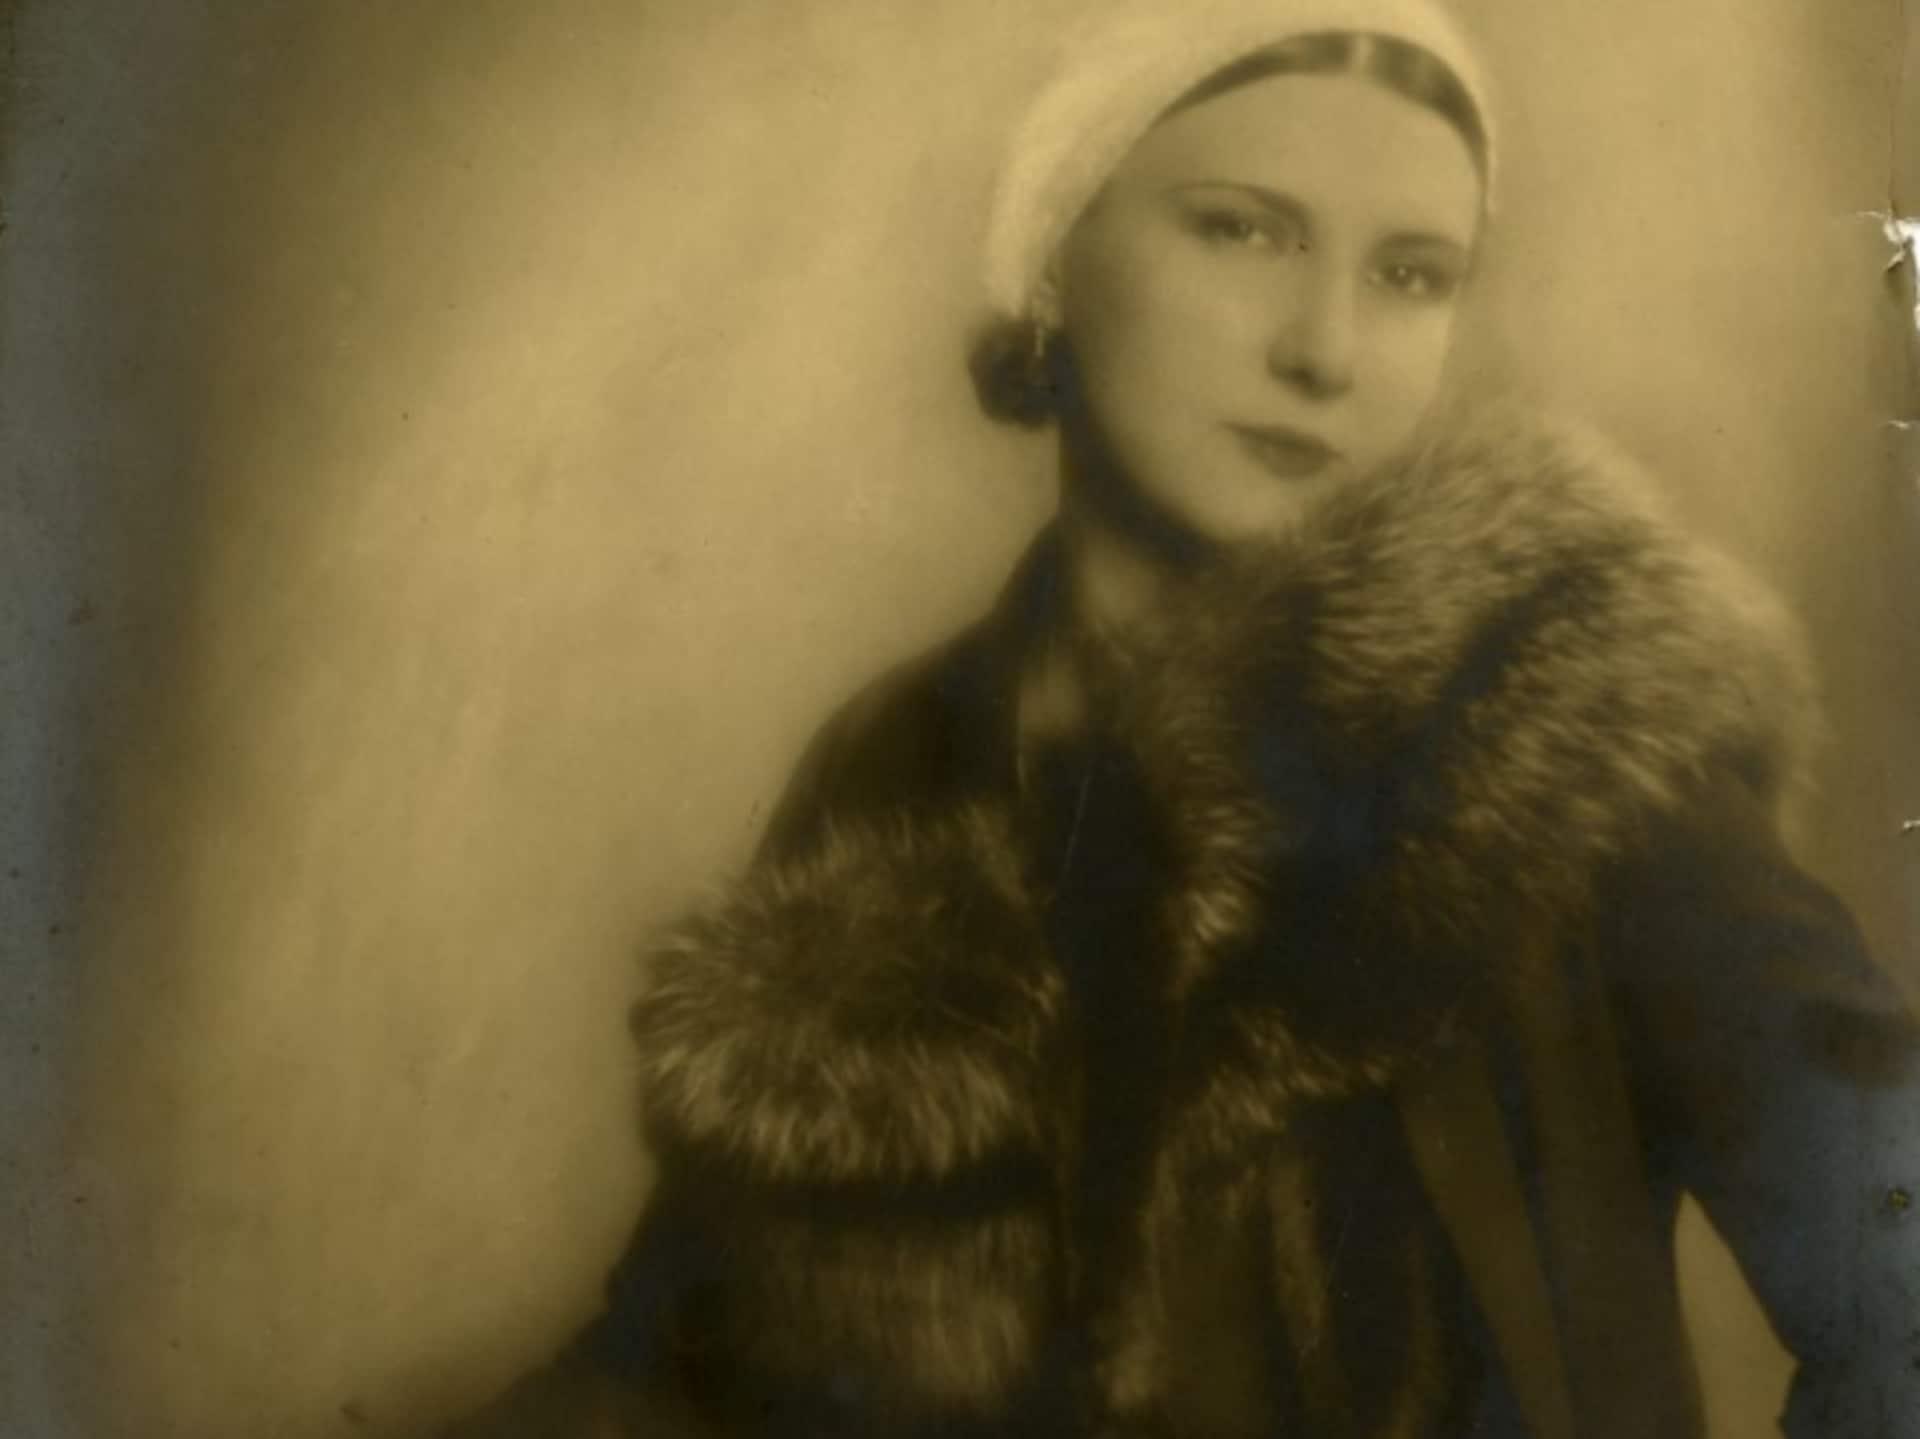 Jeune femme portant une étole de fourrure vers 1920. La pose est élégante et sensuelle, elle porte un élégant chapeau et une grosse bague au doigt, et est soigneusement manucurée et maquillée.